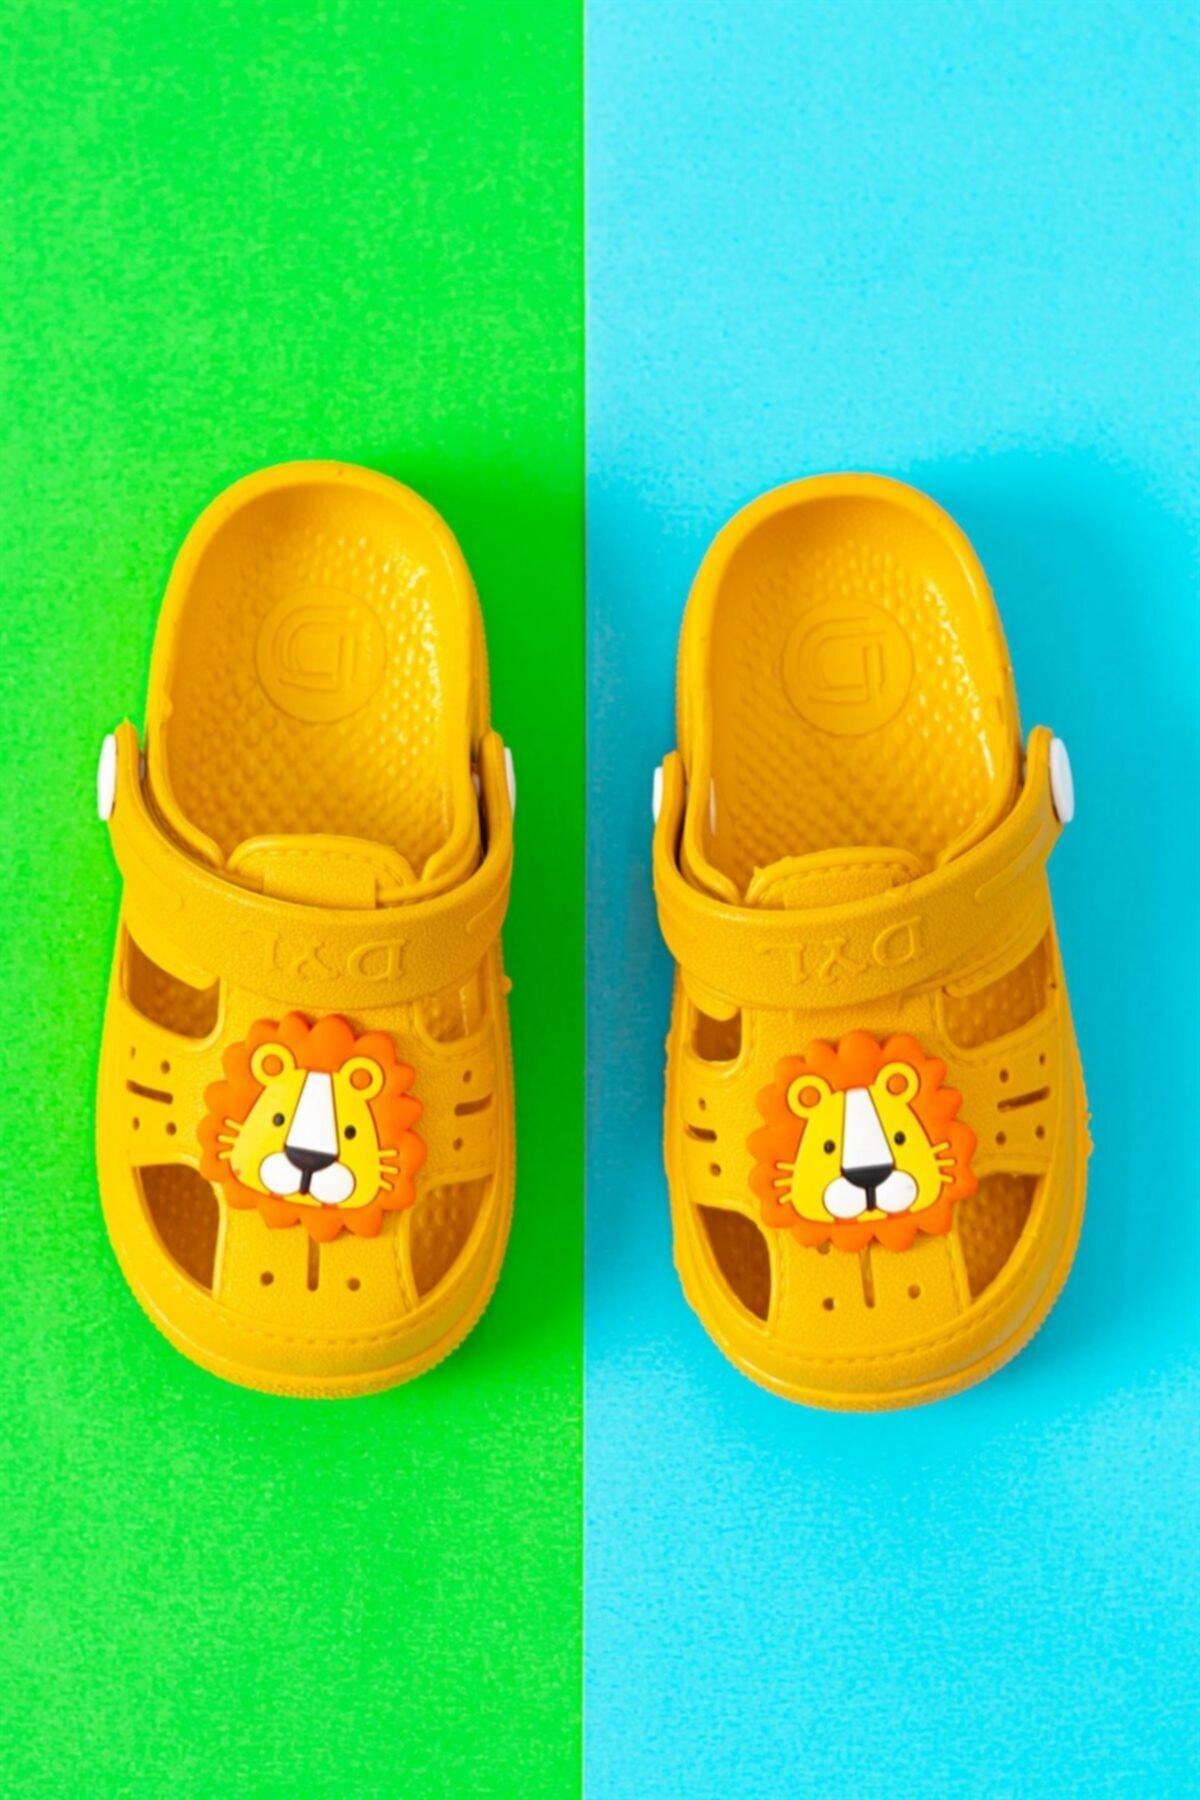 Çocuk Günlük Ortopedik Kaydırmaz Tabanlı Hayvan Figürlü Sandalet Terlik - Sarı